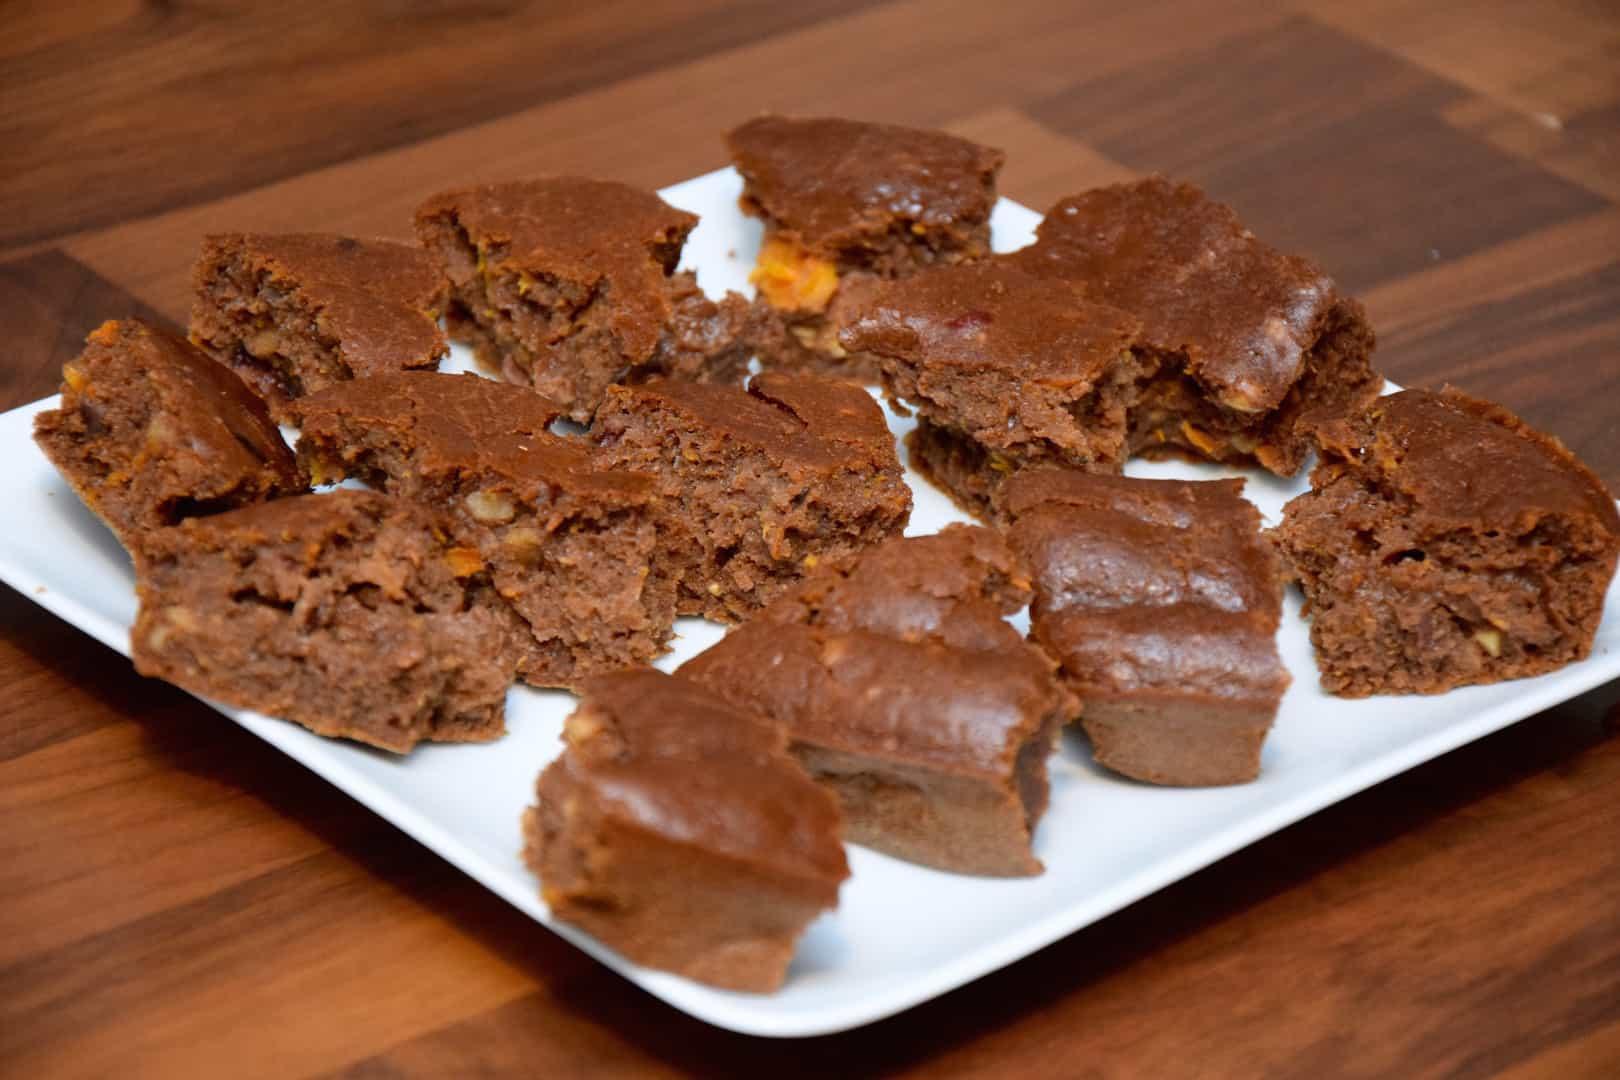 Csokis-brownie-mindent-bele-sütőtökkel-Jóga-Mindennap-receptek-egészség-otthon